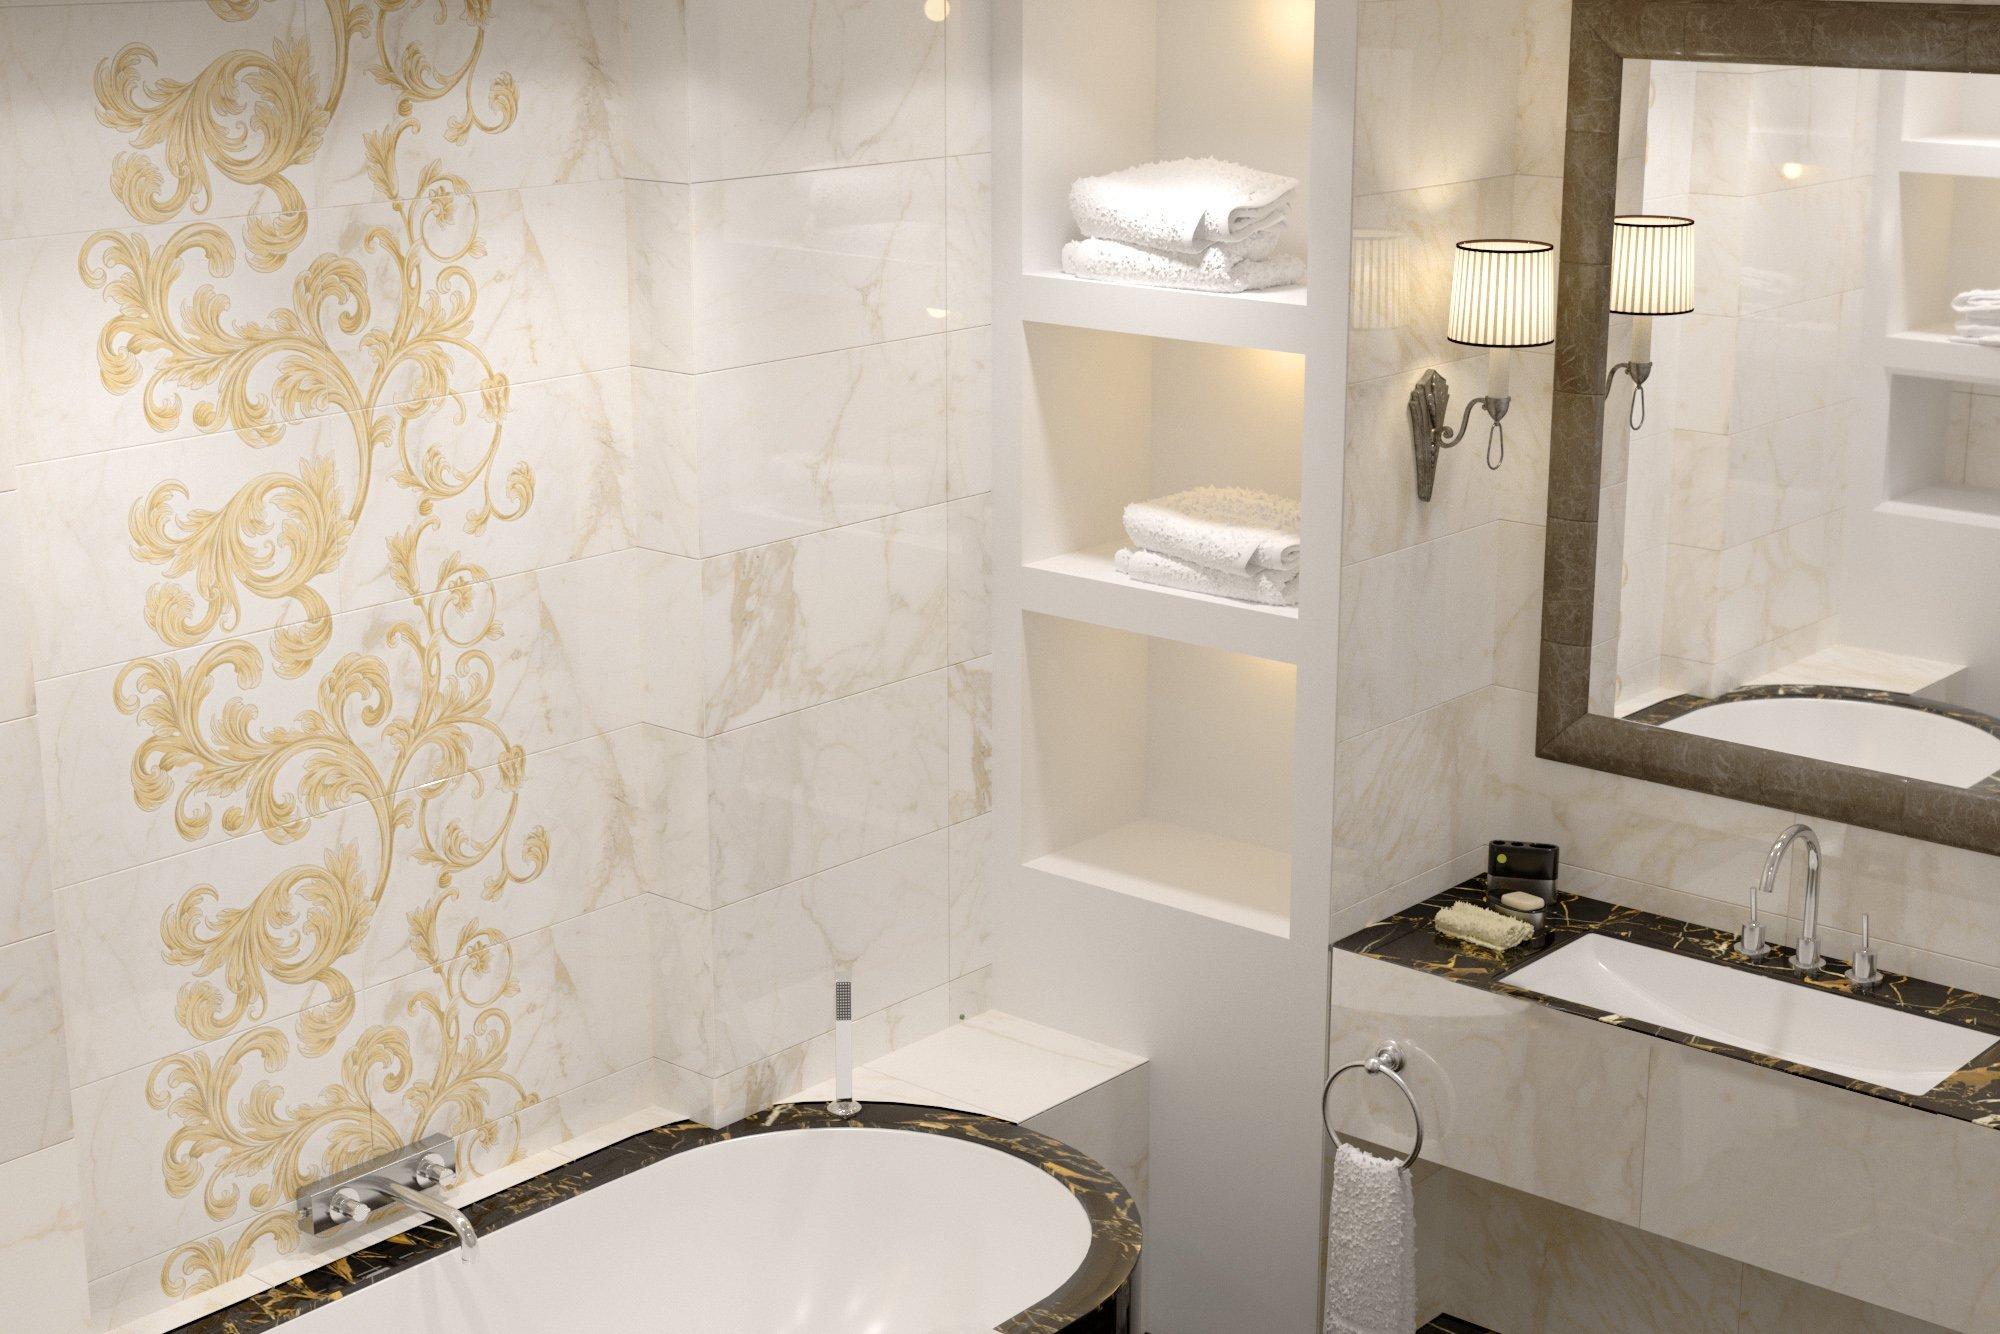 3cd5aeaf4c2f Голден Тайл Саинт Лаурент (Golden Tile Saint Laurent) - это  высококачественная керамическая плитка, производство Украина. В  интернет-магазине ...